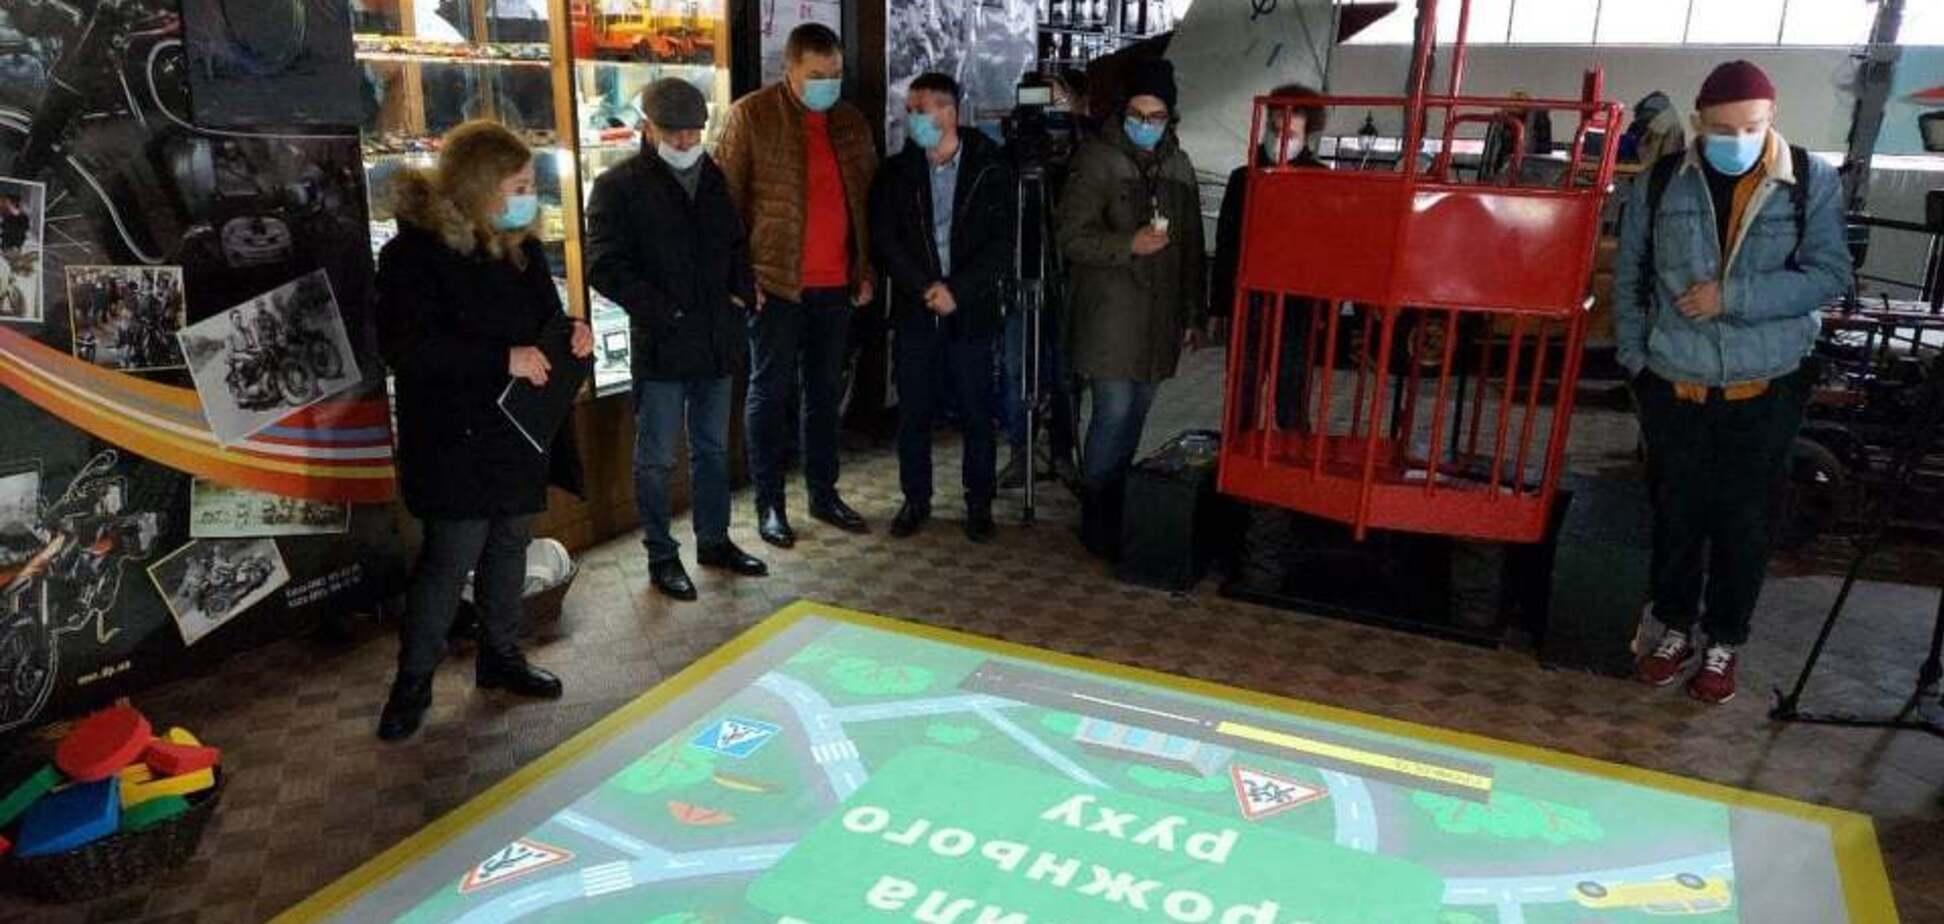 У Дніпровському музеї 'Машини часу' зробили інтерактивну підлогу